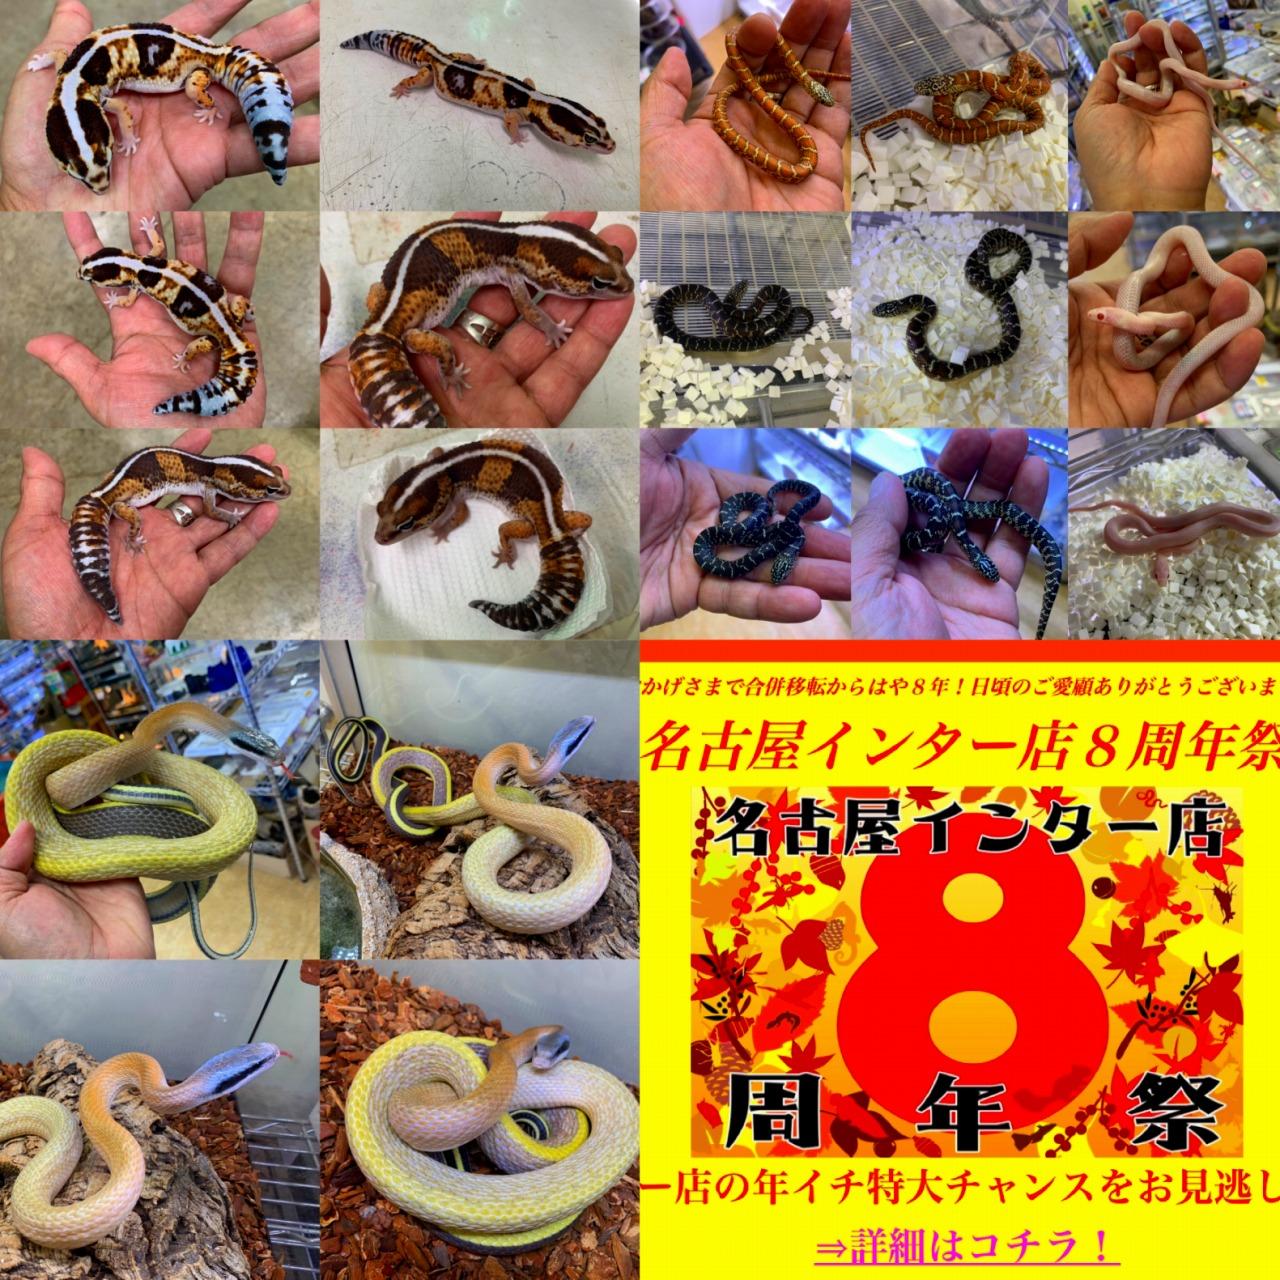 ペポニ@インター店の新着生体のお知らせ♪名古屋インター店周年祭大盛況開催中!